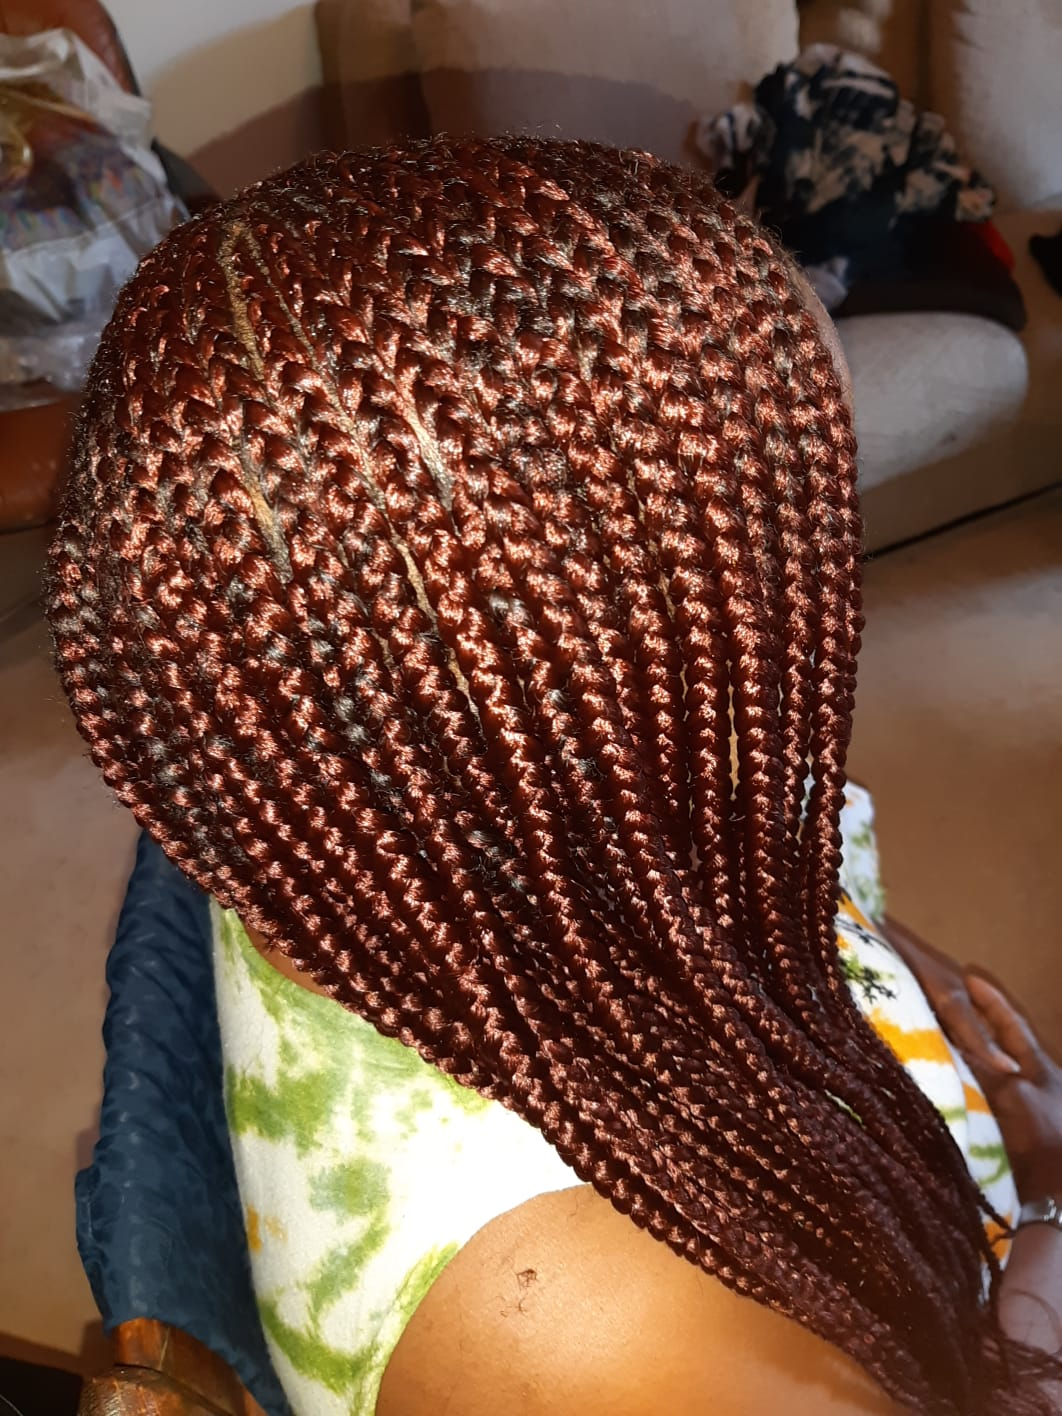 salon de coiffure afro tresse tresses box braids crochet braids vanilles tissages paris 75 77 78 91 92 93 94 95 PDIXKWVZ